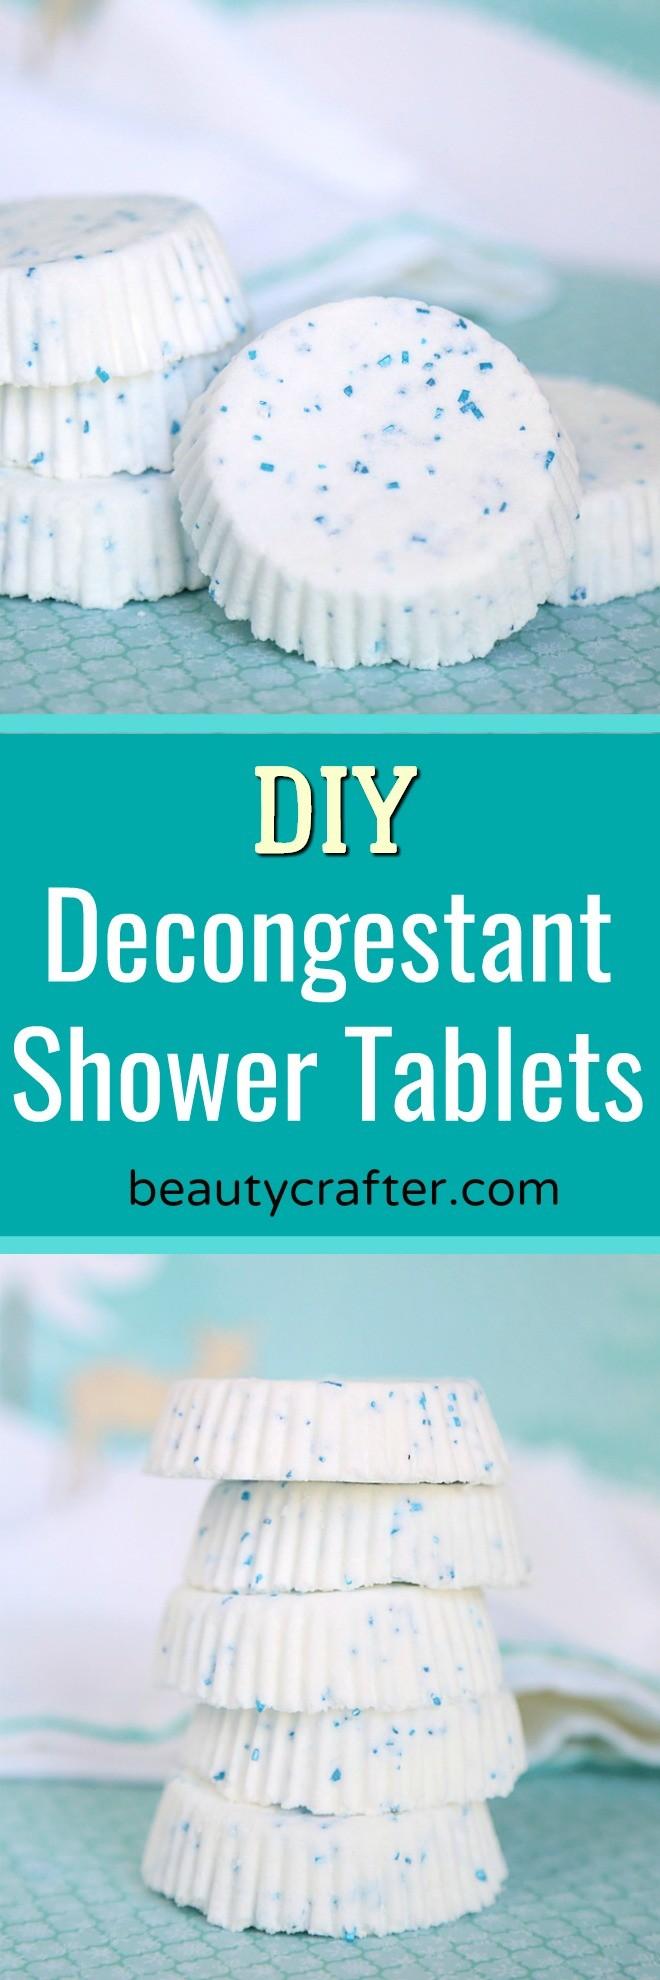 DIY Decongestant Shower Tablets